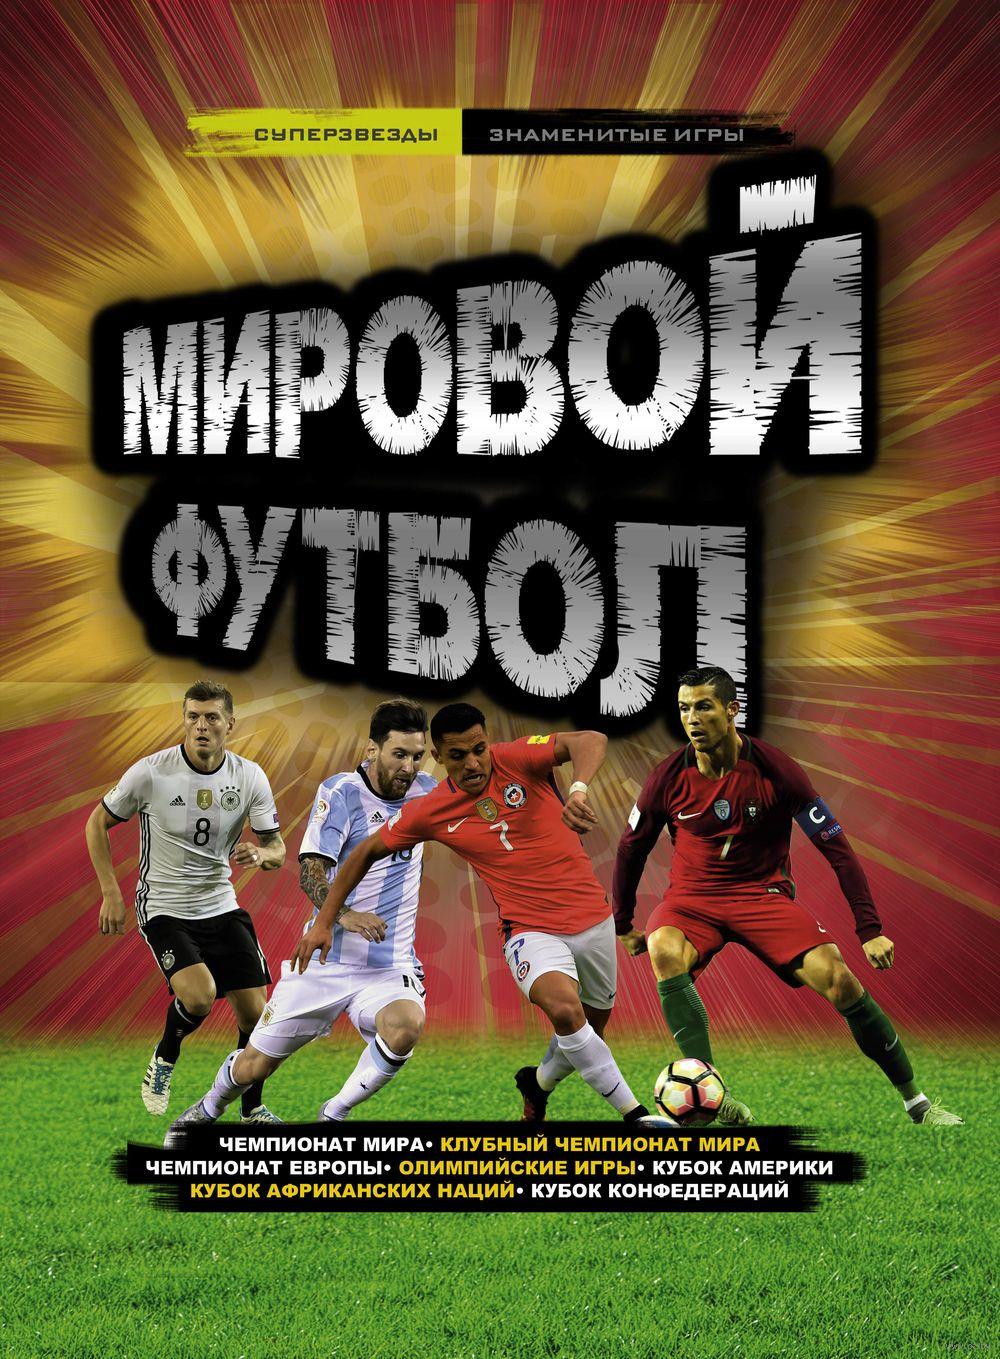 5afb5ae84cb5 Мировой футбол» Кир Рэднедж - купить книгу «Мировой футбол» в Минске ...